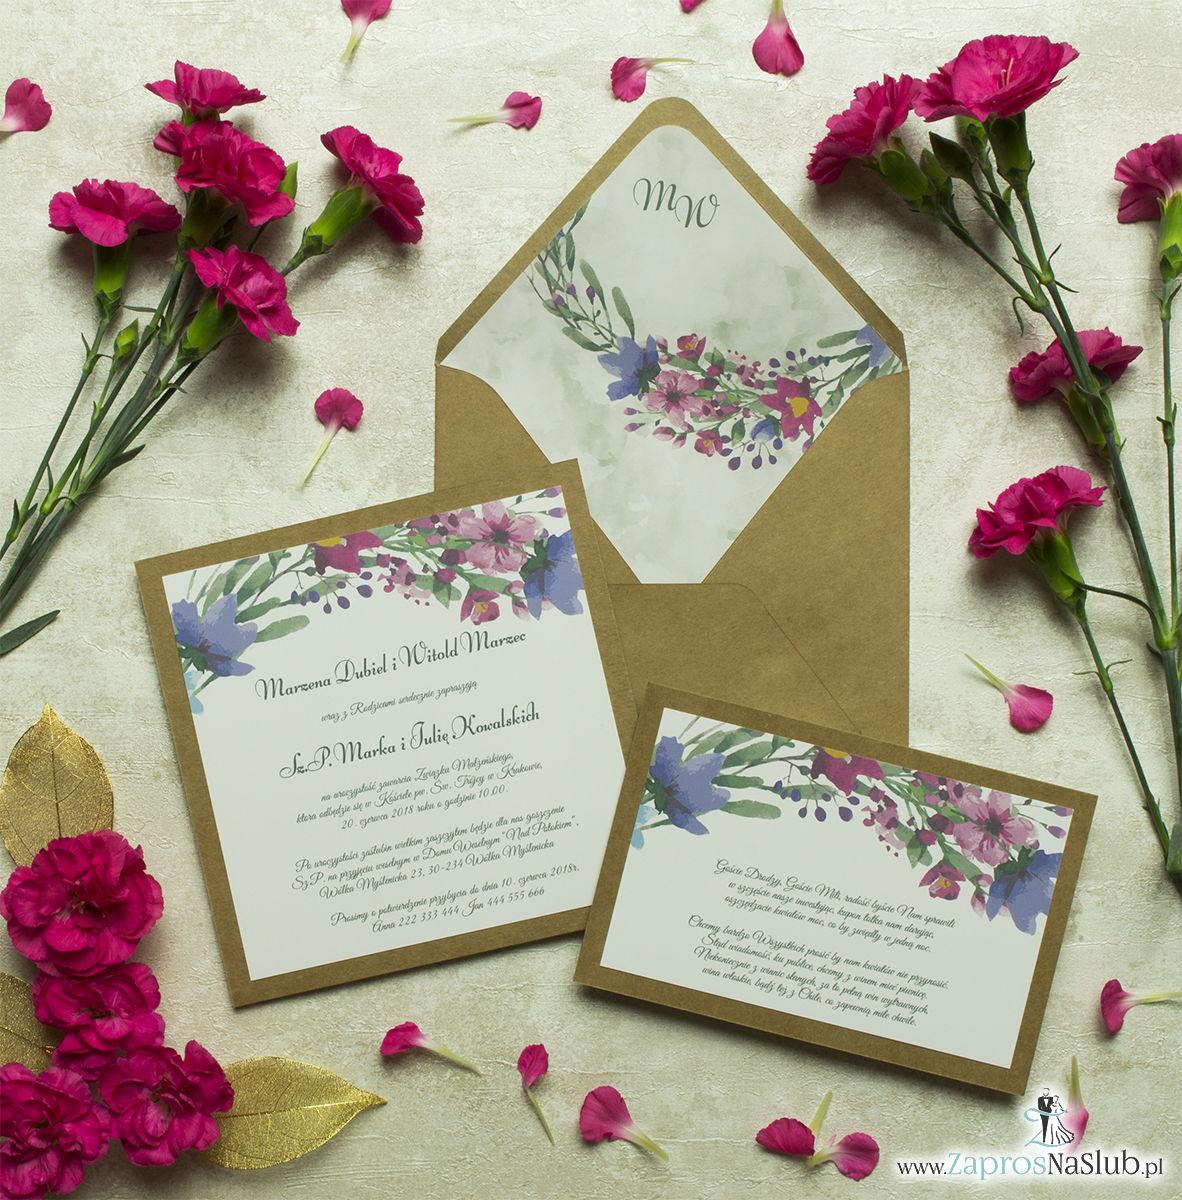 Dwuczęściowe, kwiatowe zaproszenia ślubne w stylu eko, z polnymi kwiatami w kilku odcieniach: niebieskim, różowym, fioletowym i khaki. ZAP-76-17